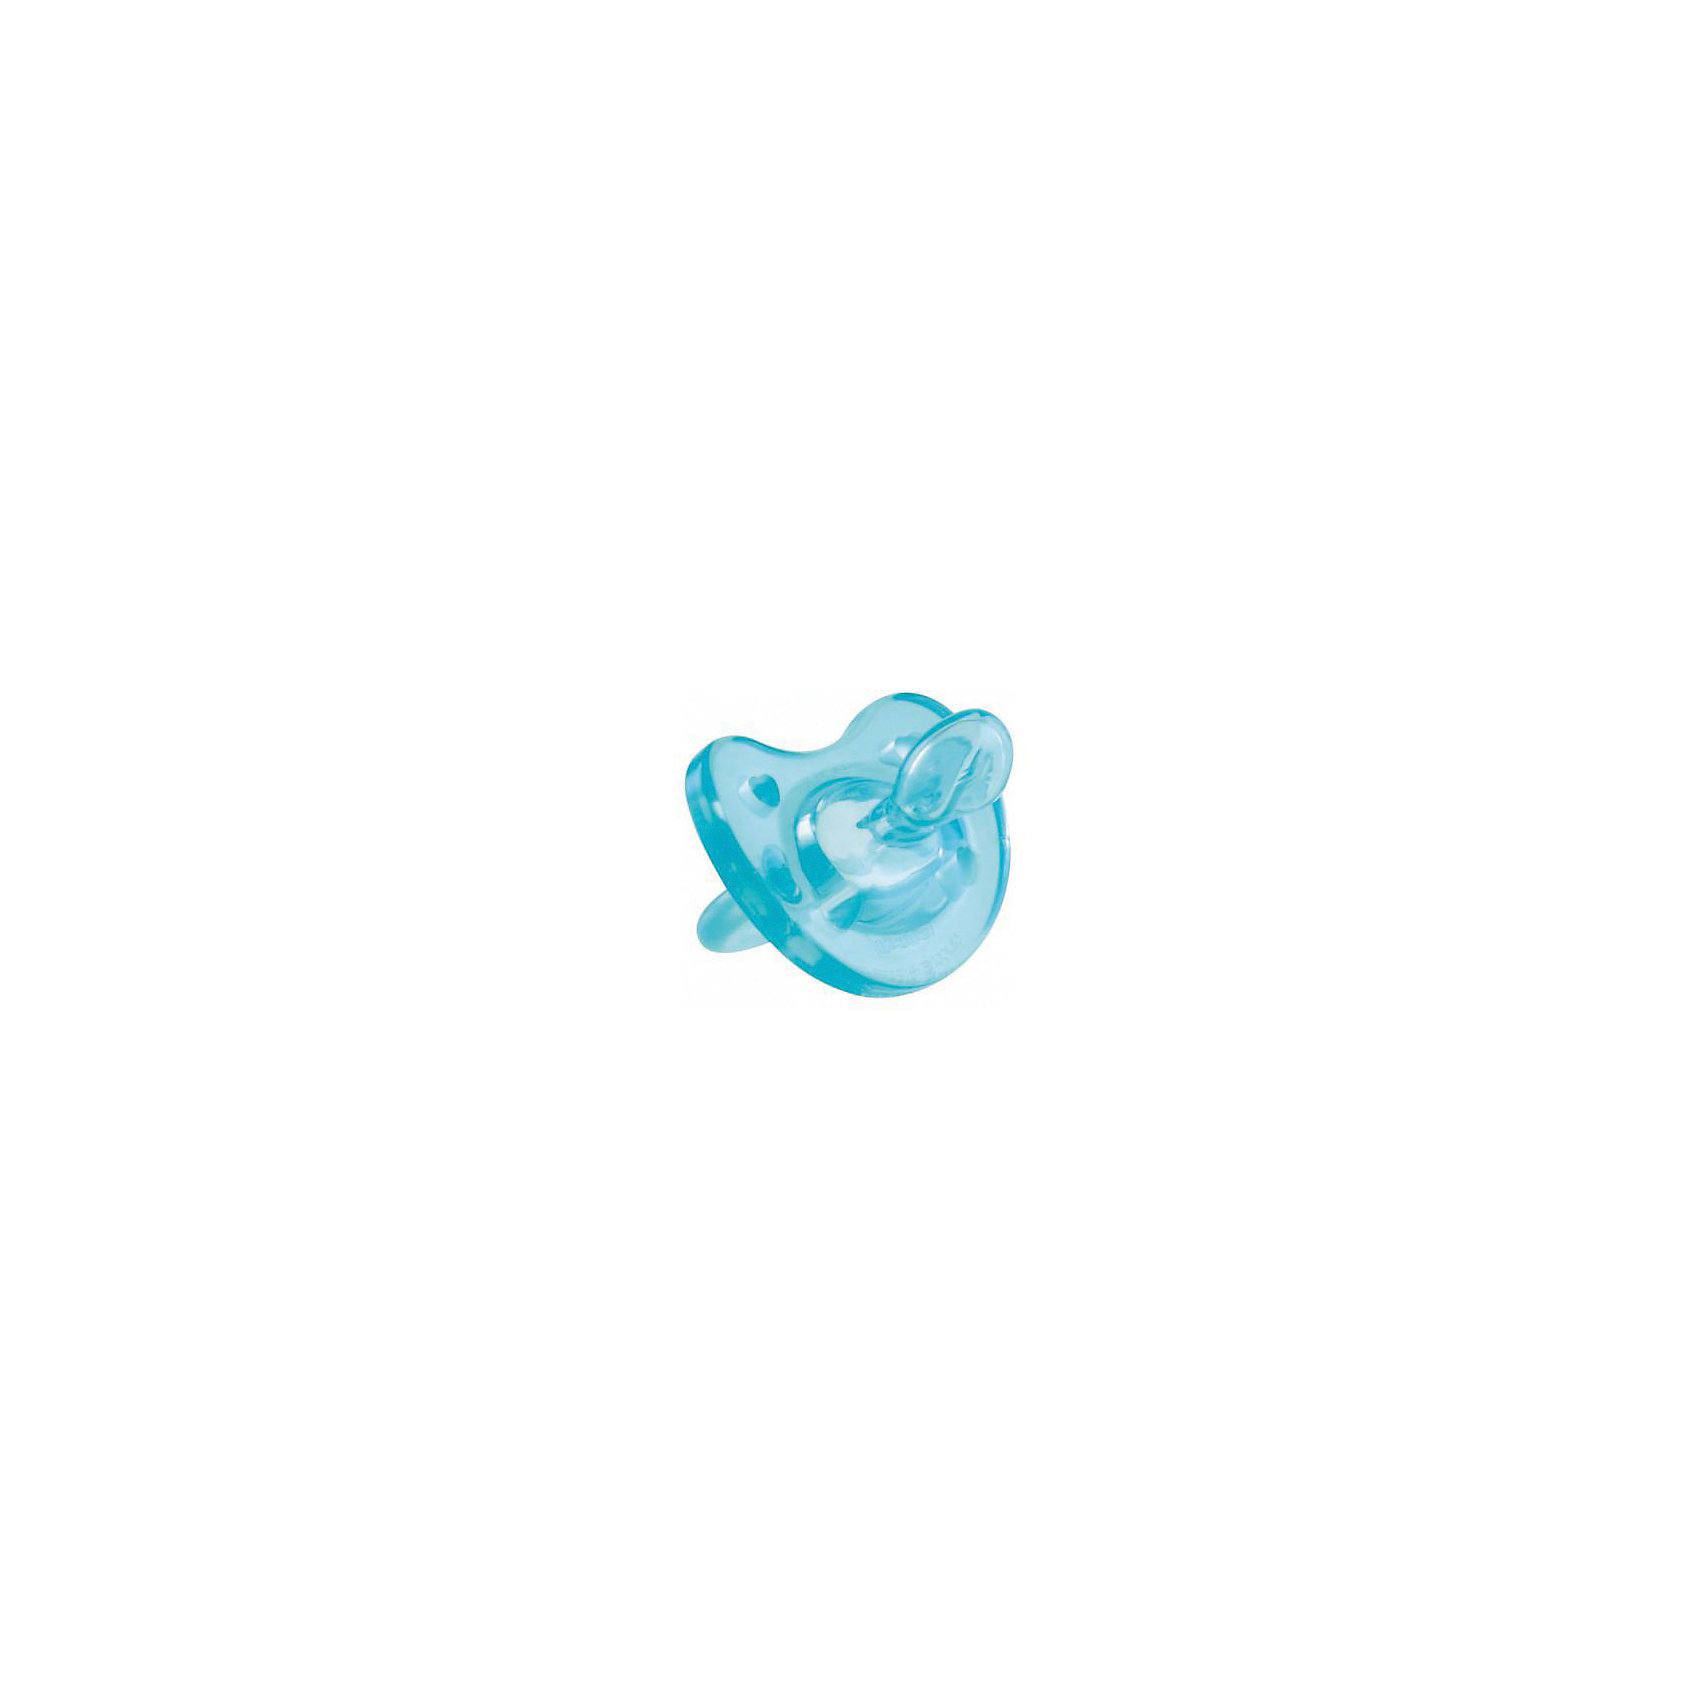 Силиконовая пустышка Physio Soft 0-6мес., CHICCO, голубойПустышки и аксессуары<br>Эта экстромягкая силиконовая пустышка создана специально для маленьких деток!<br>Она способствует правильному развитию неба, языка и зубок. А благодаря, своей мягкости, она совершенно не будет мешать ребенку спать. <br><br>Дополнительная информация:<br><br>- Возраст: от 0 до 6 месяцев.<br>- Цвет: голубой.<br>- Материал: силикон.<br><br>Купить пустышку Physio Soft (0-6мес.) в голубом цвете, можно в нашем магазине.<br><br>Ширина мм: 145<br>Глубина мм: 90<br>Высота мм: 50<br>Вес г: 13<br>Возраст от месяцев: 0<br>Возраст до месяцев: 6<br>Пол: Унисекс<br>Возраст: Детский<br>SKU: 4944243